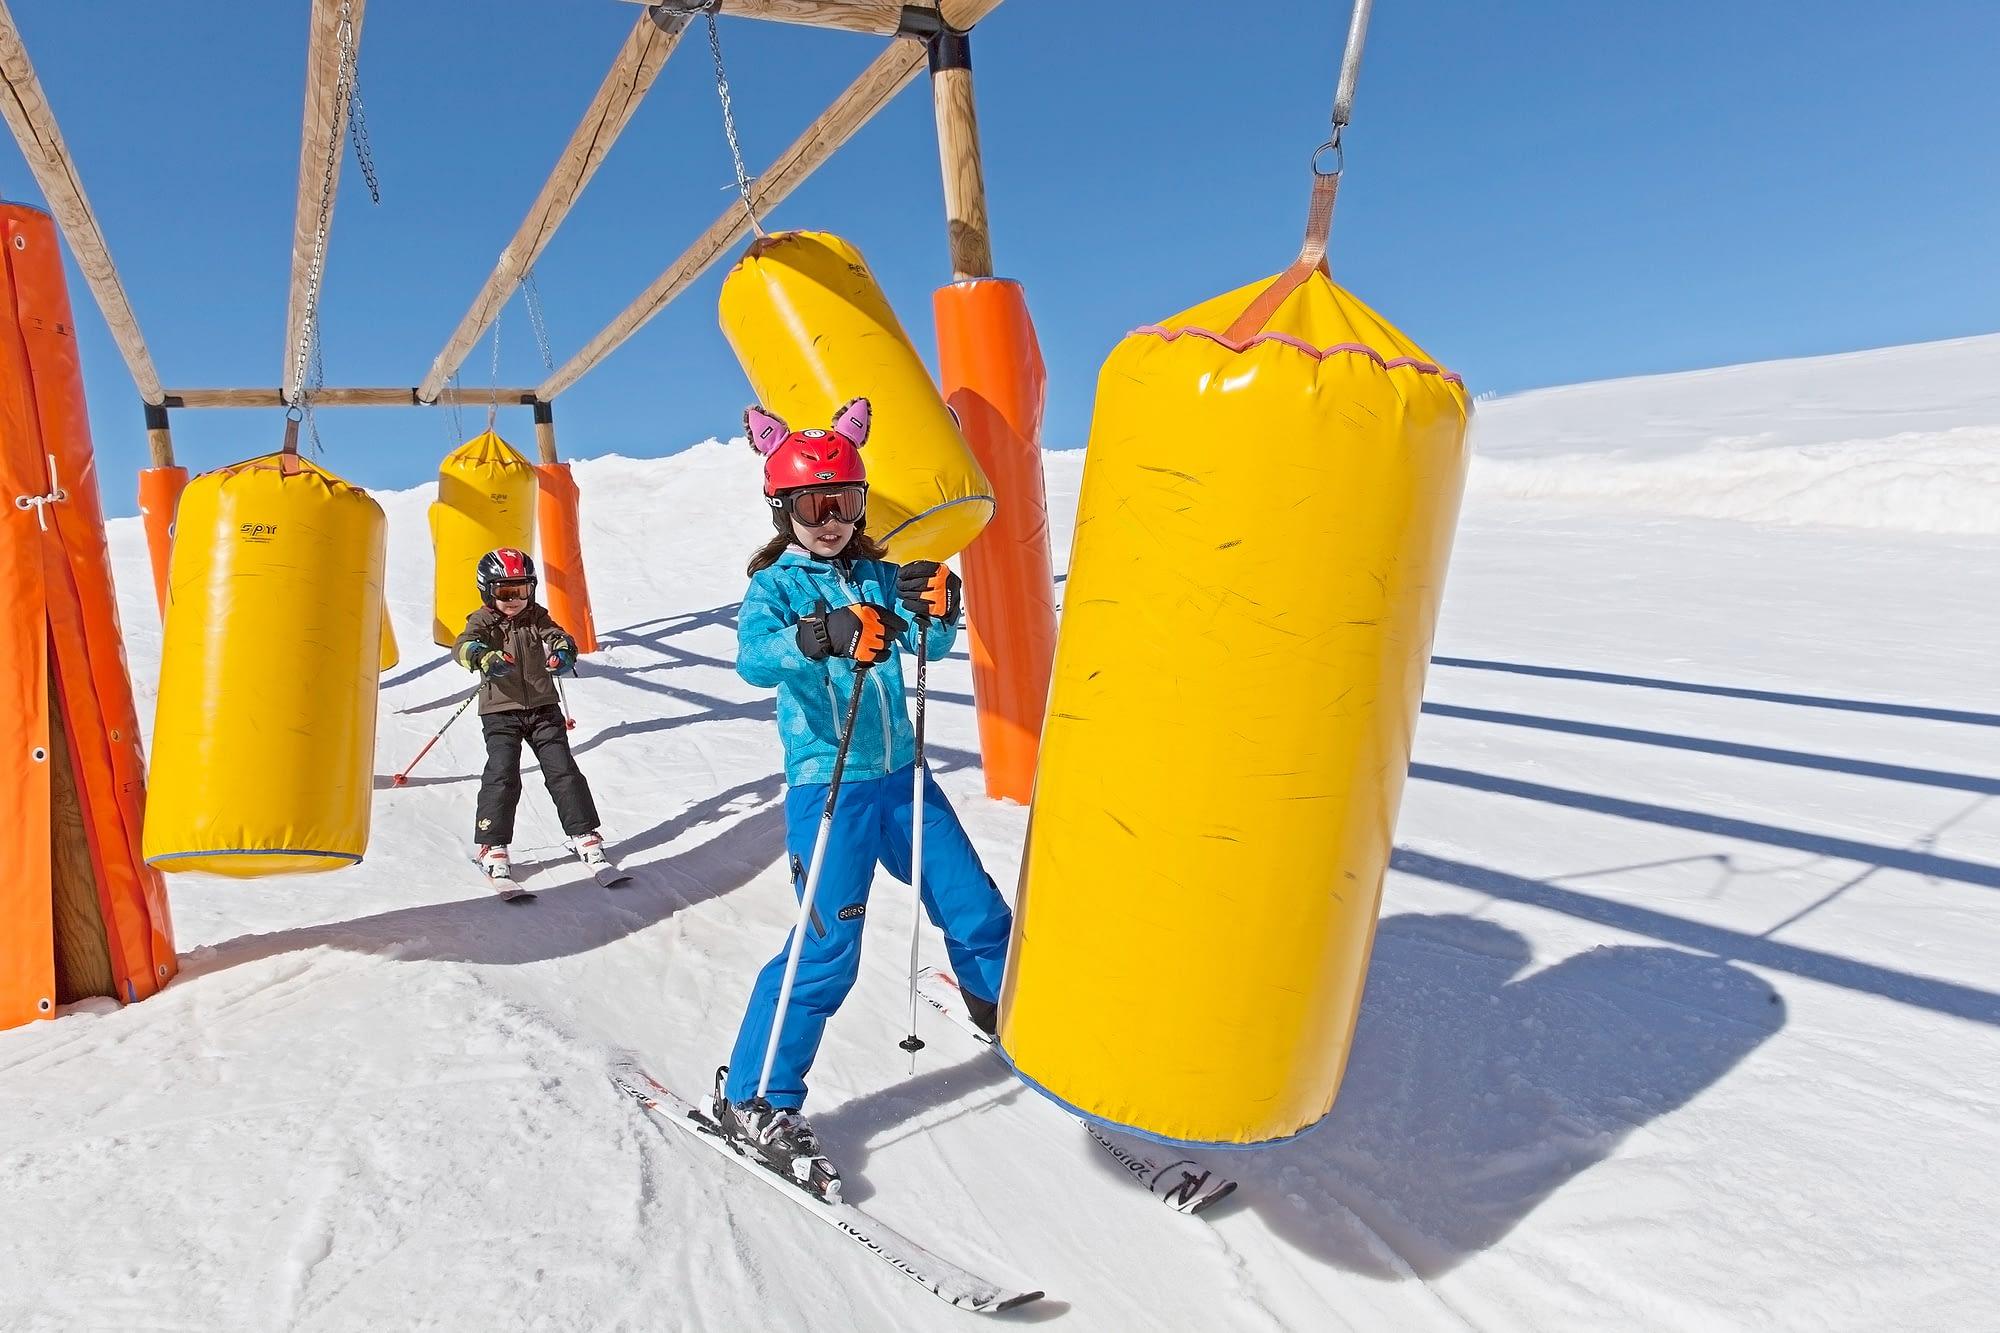 Percorsi con giochi per bambini sugli sci